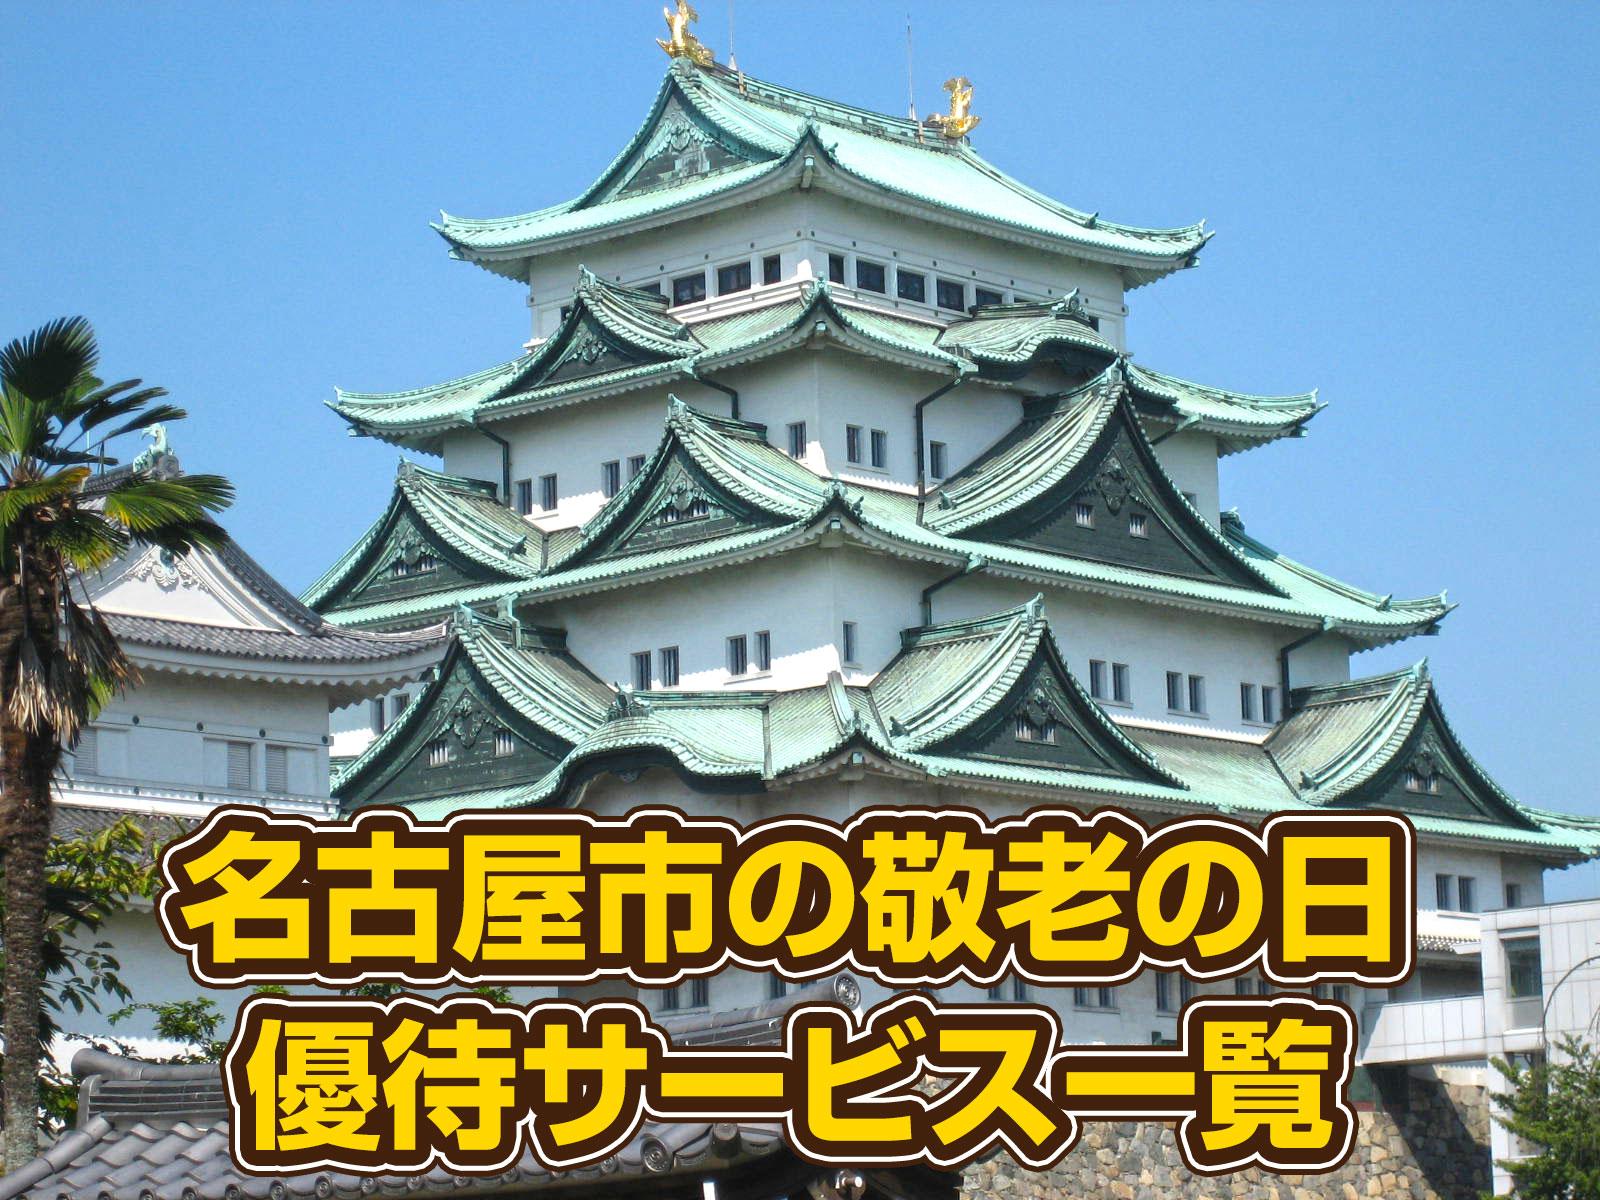 名古屋市敬老の日優待サービス一覧